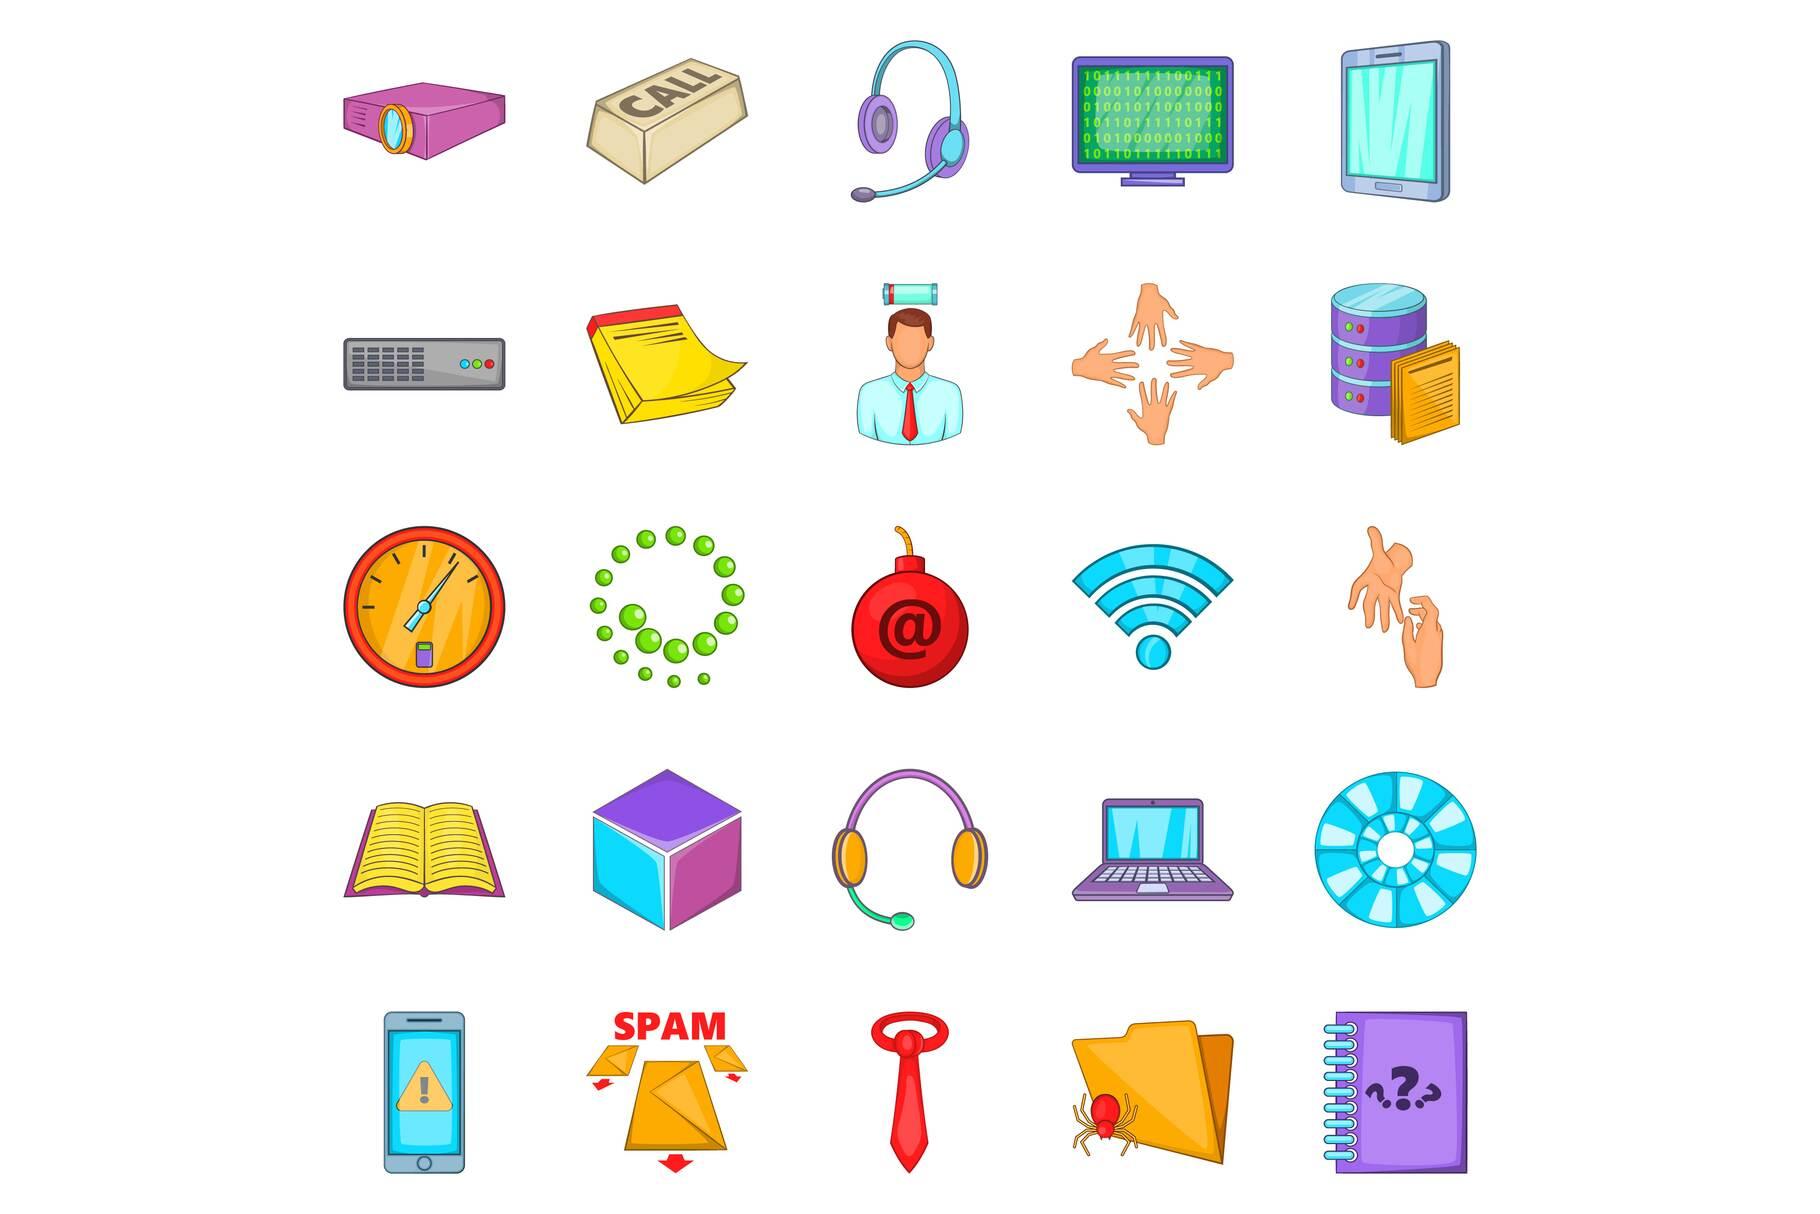 Workshop icons set, cartoon style example image 1